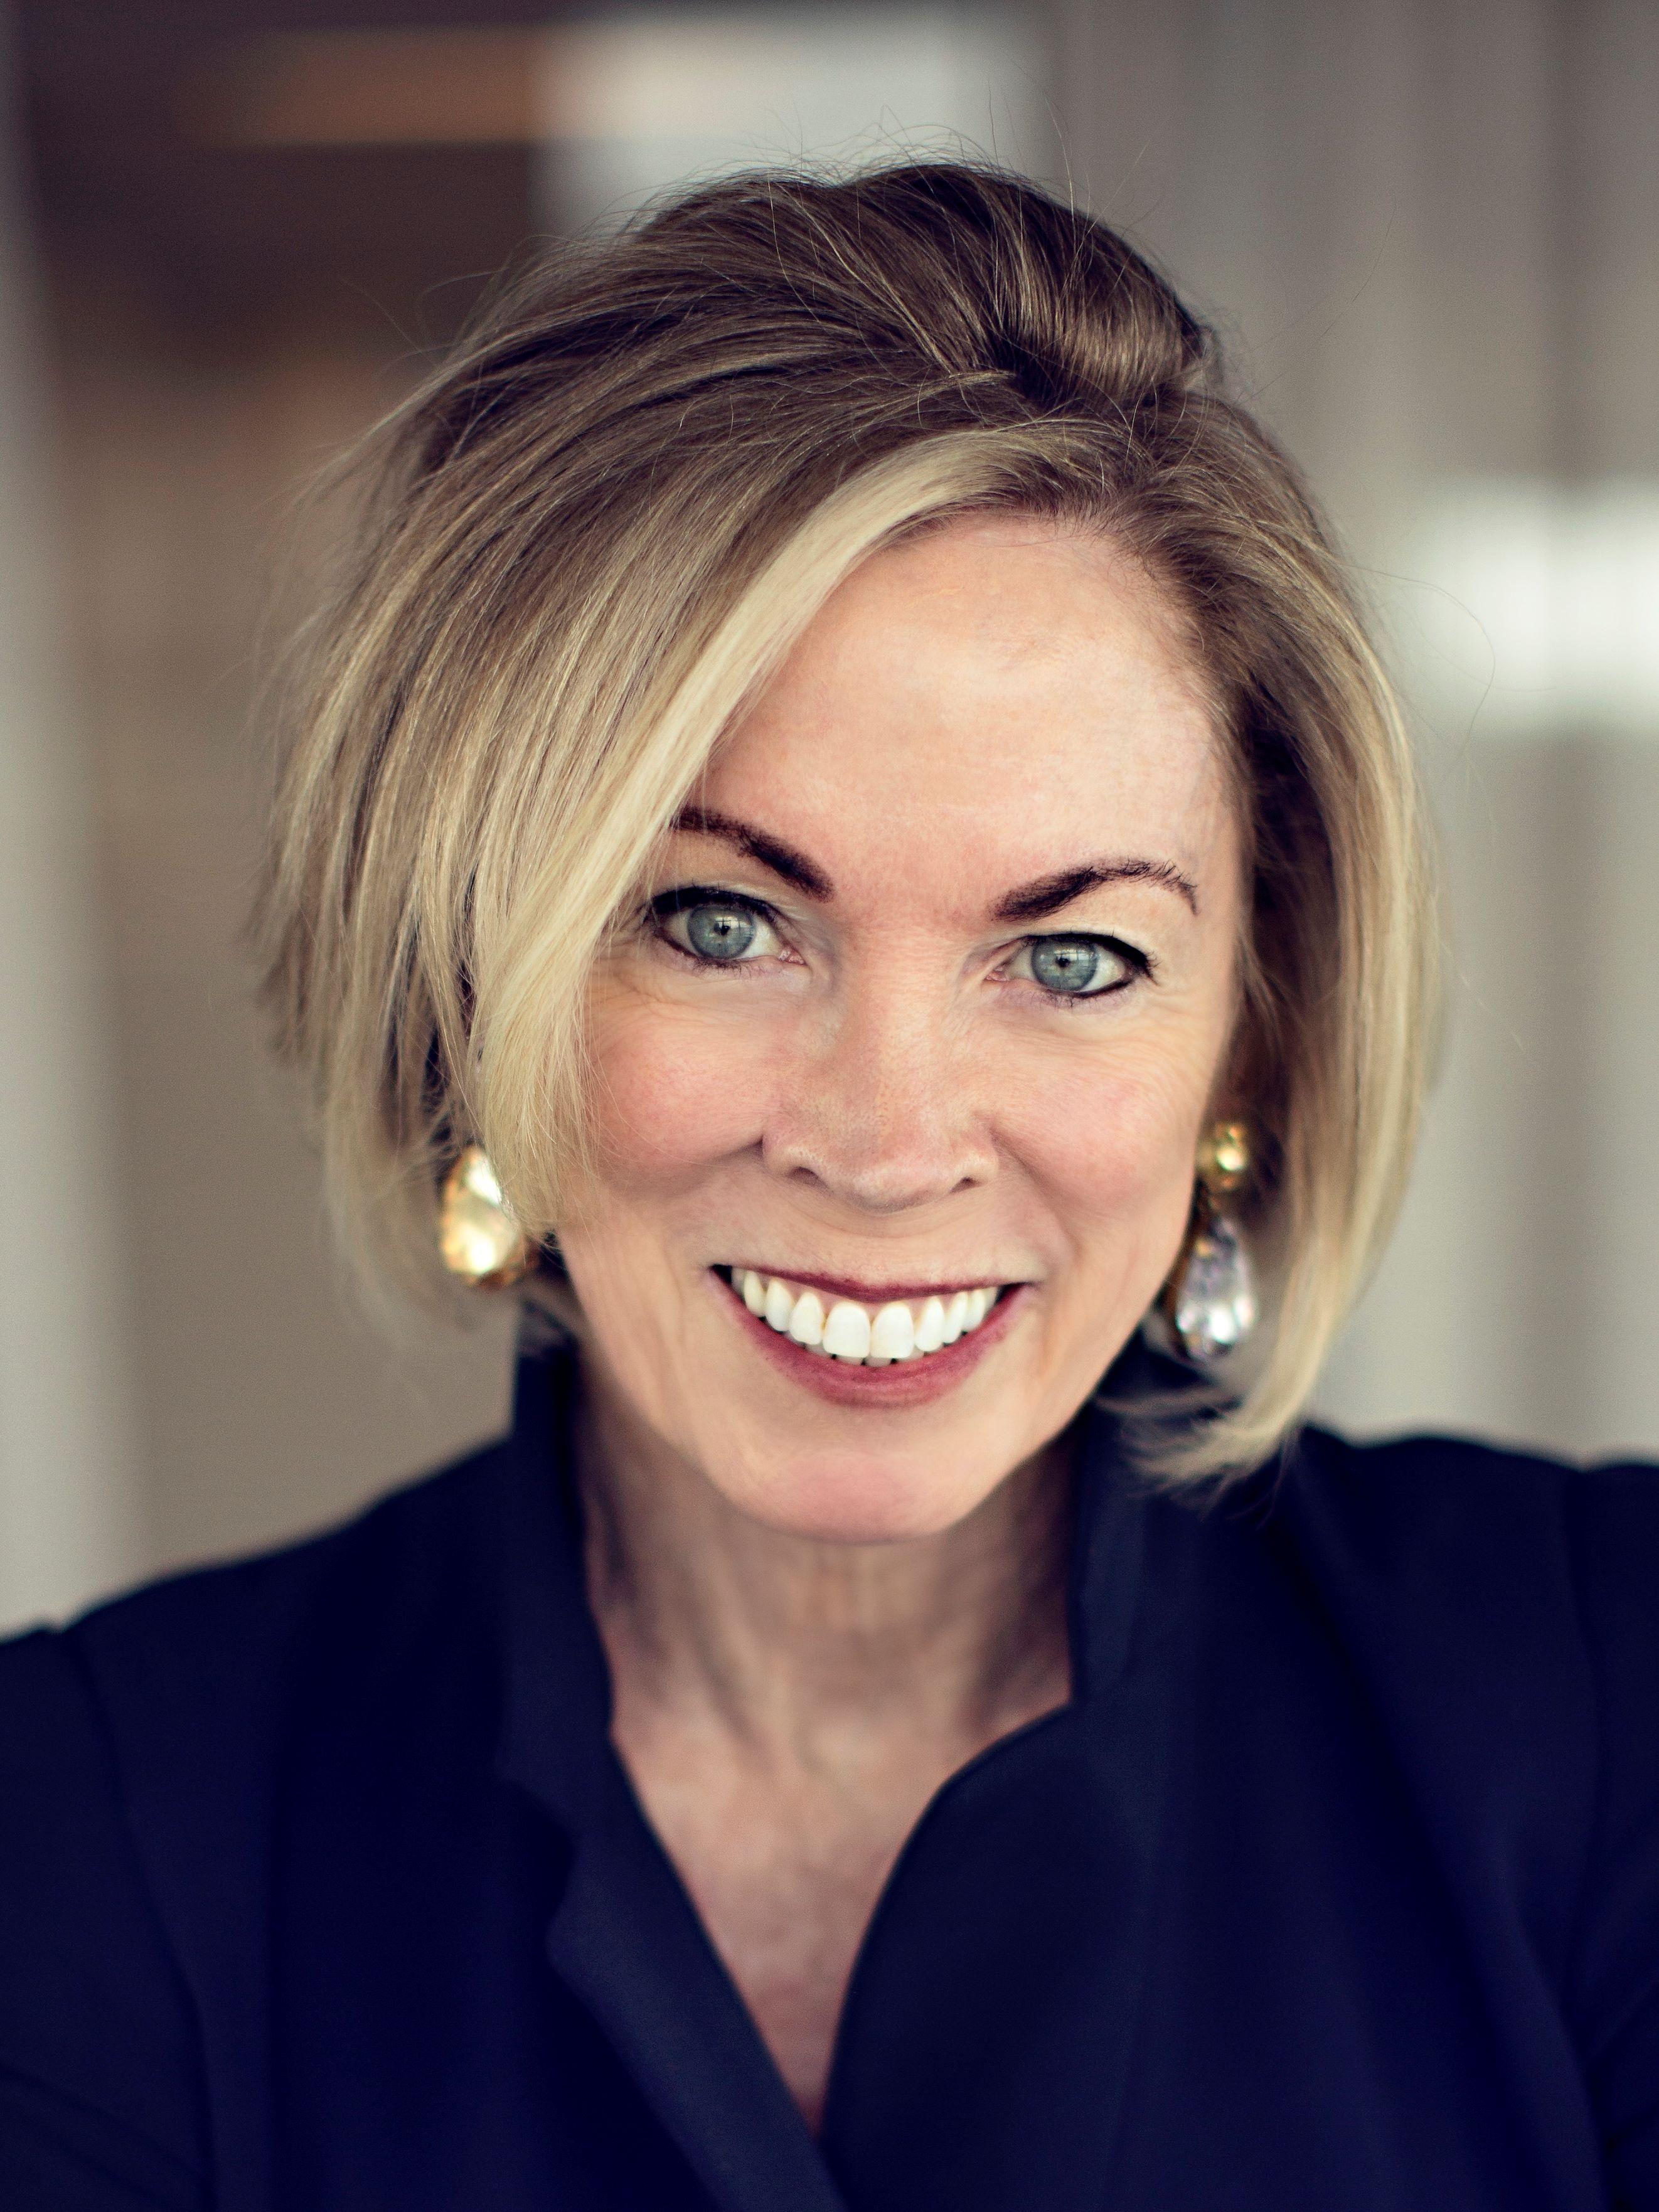 Judy Fahrenkrog